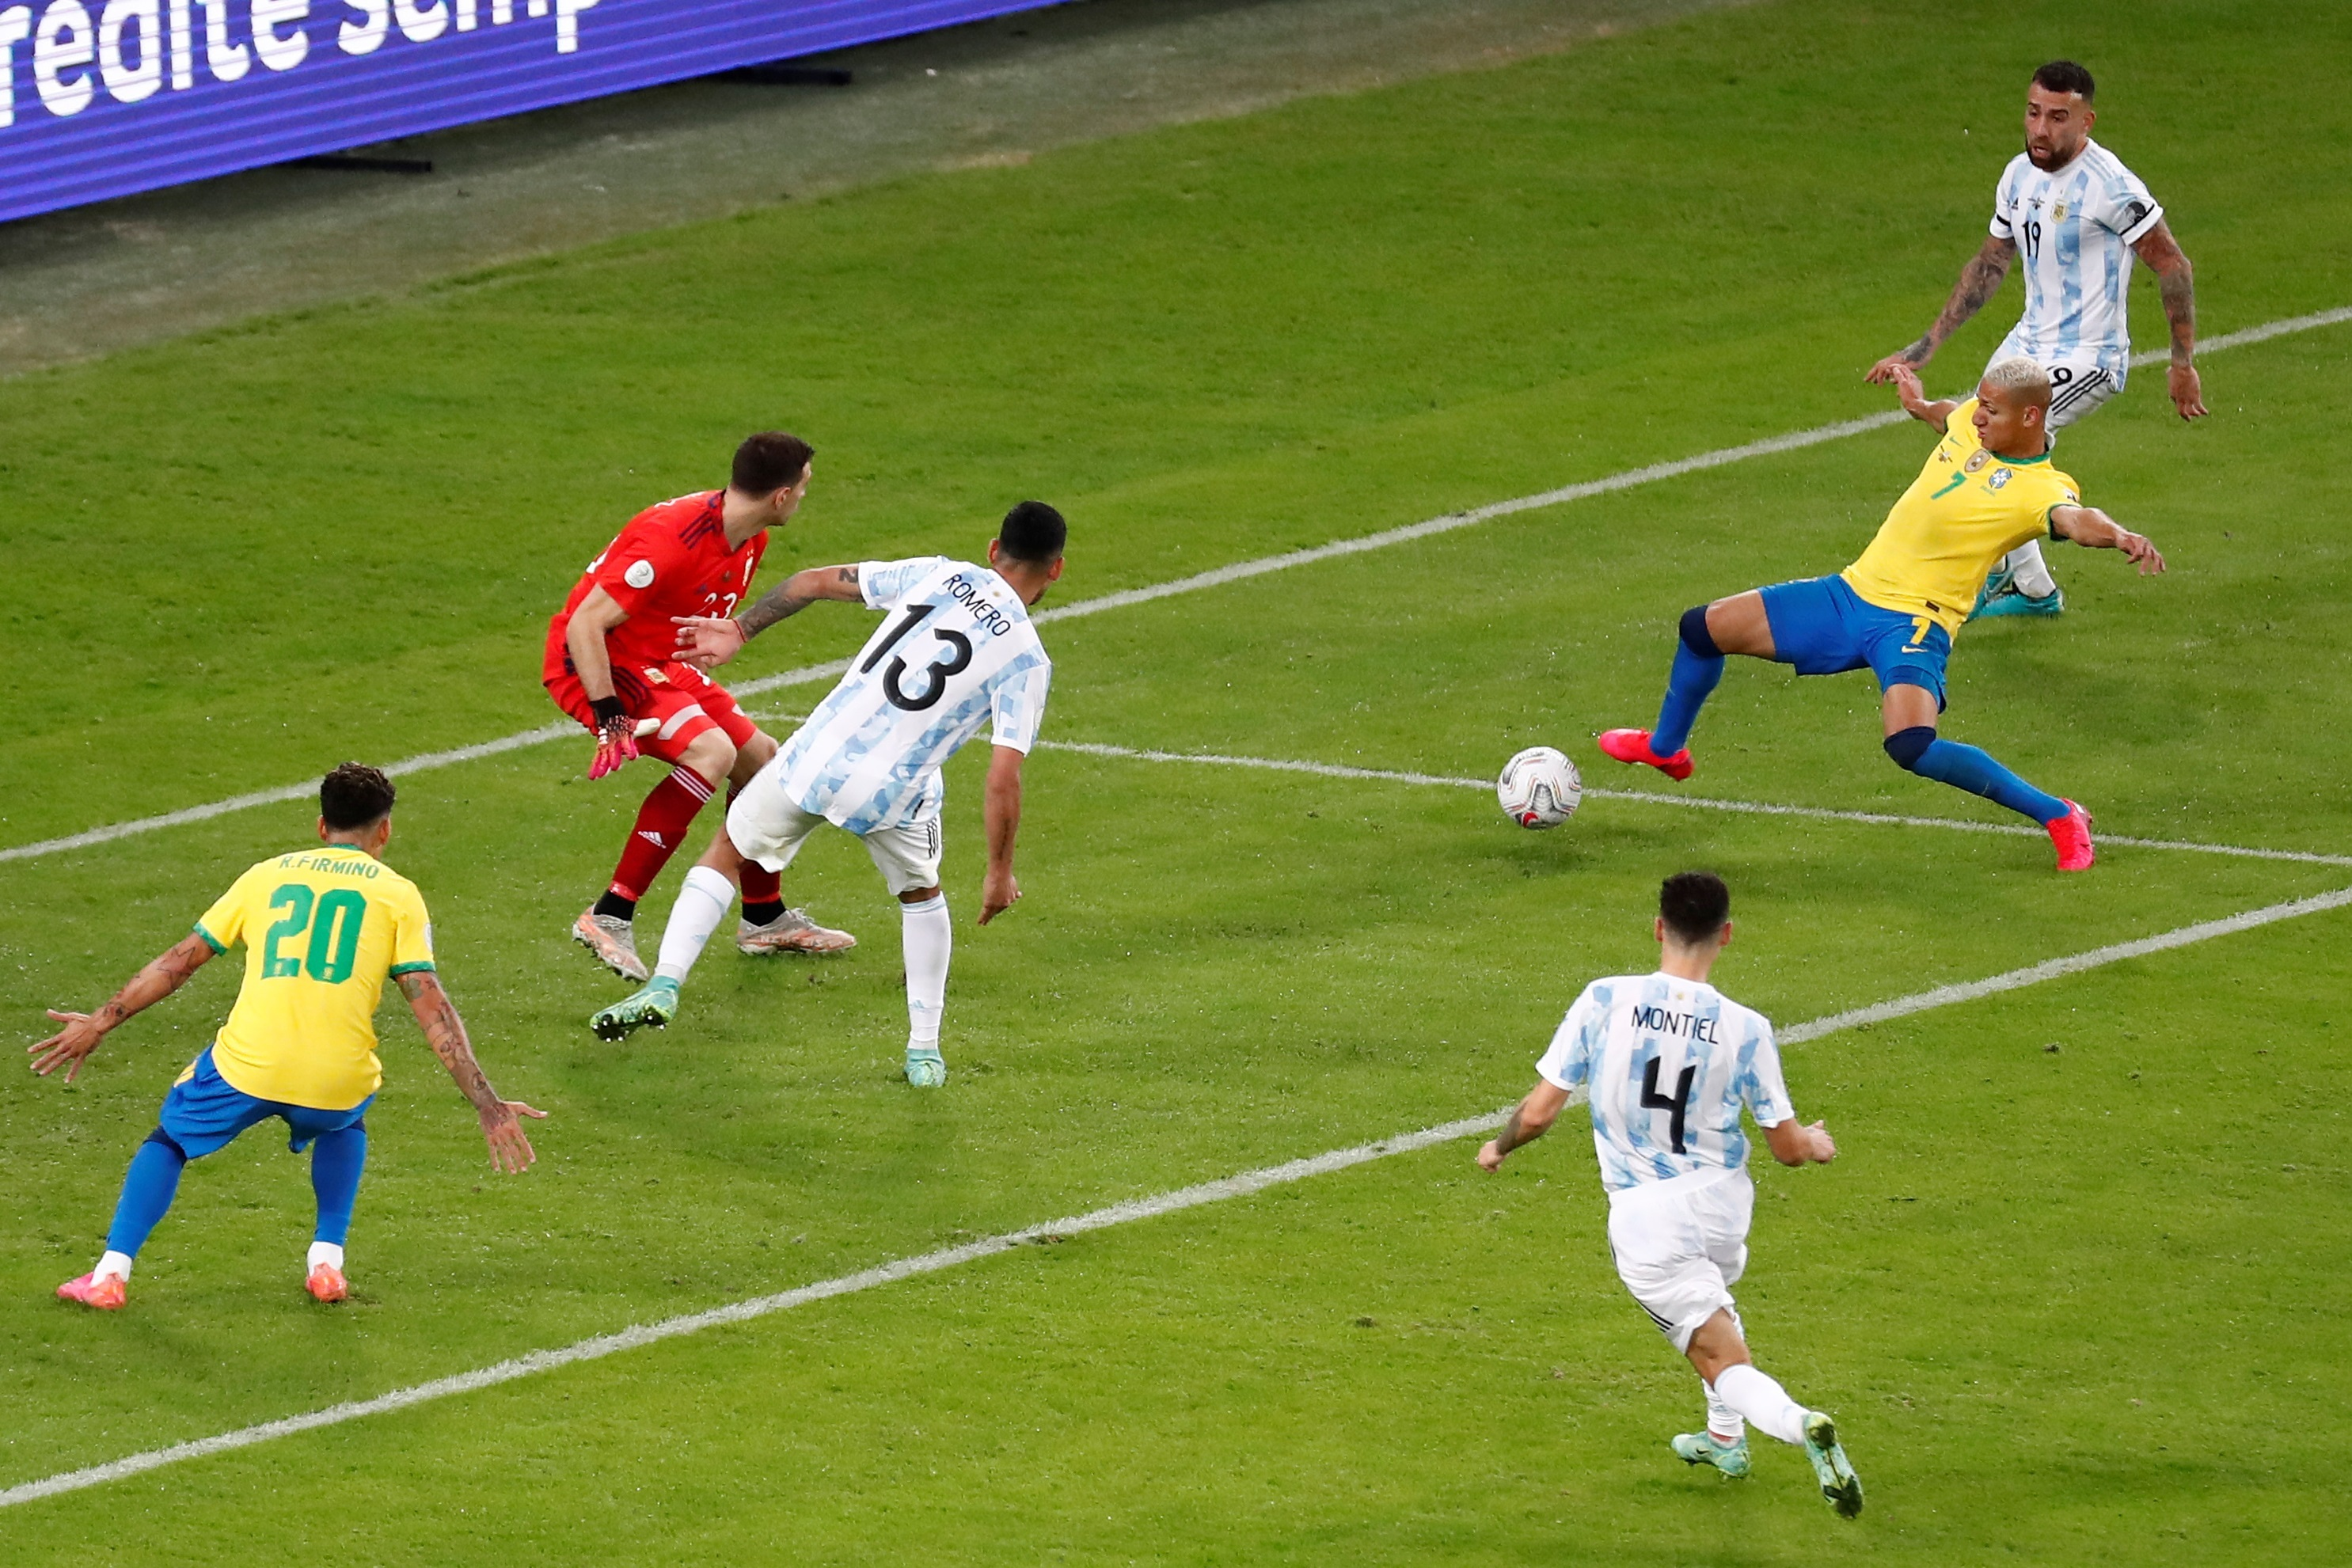 ब्राजील ने मैच के दौरान 13 शॉट अटेम्प्ट किए, 2 ऑन टारगेट भी रहे, लेकिन वे गोल नहीं कर सके। अर्जेंटीना के गोलकीपर मार्टिनेज ने बेहतरीन बचाव किए।